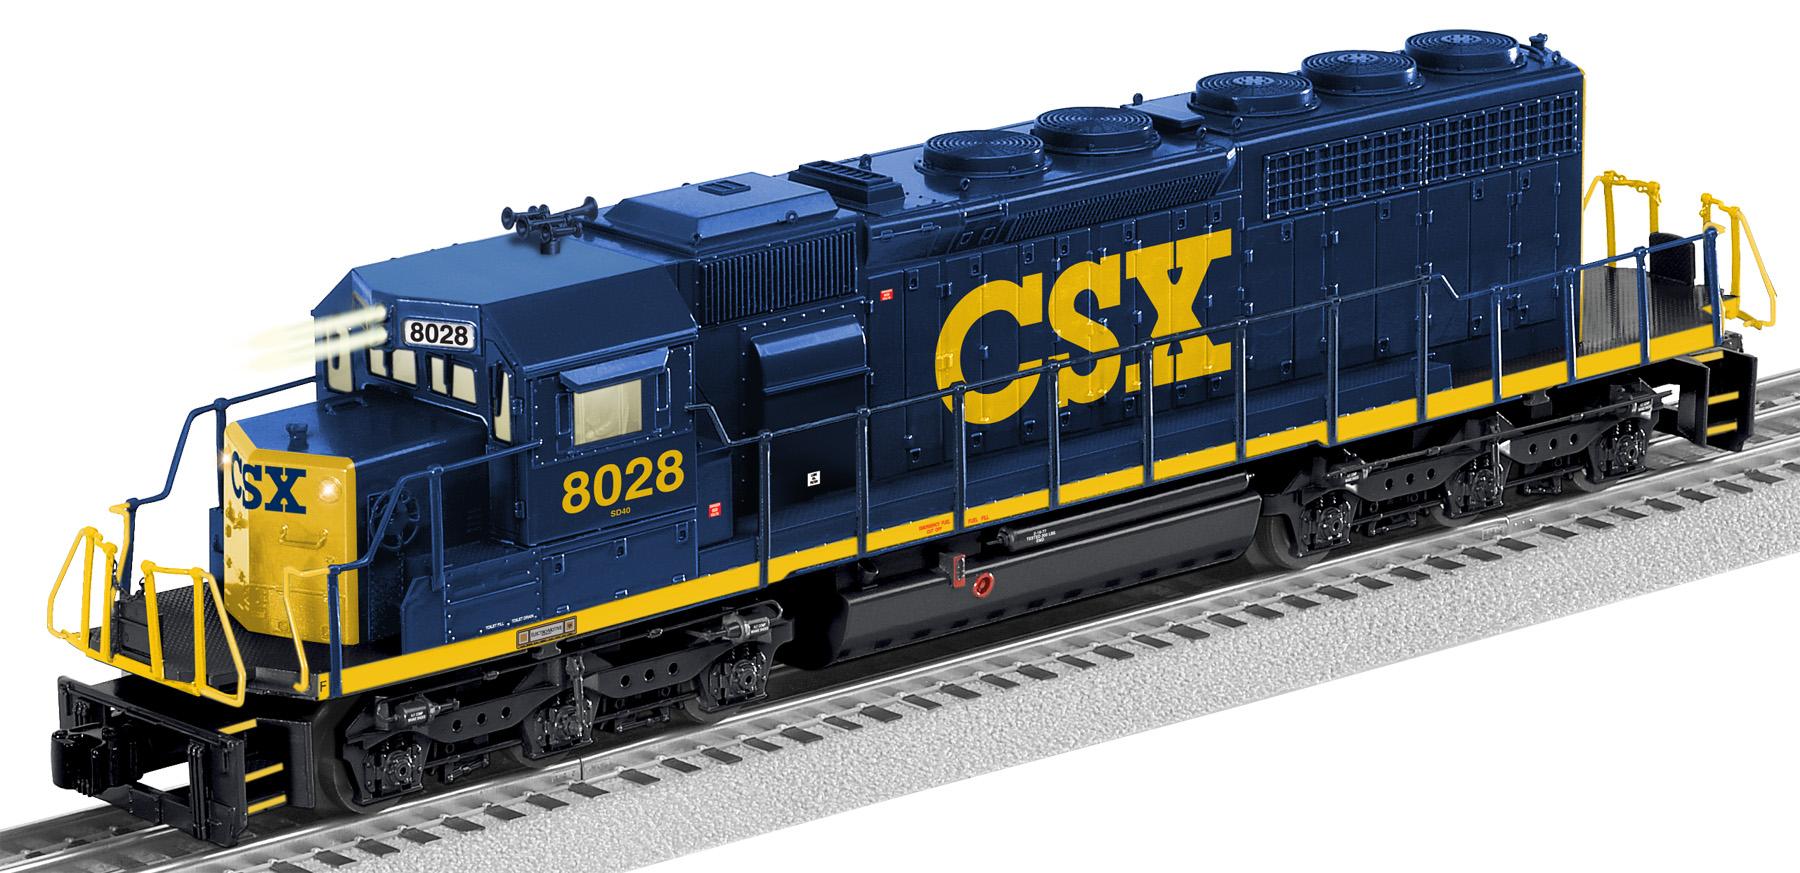 EMD SD40-2 | Locomotive Wiki | Fandom powered by Wikia